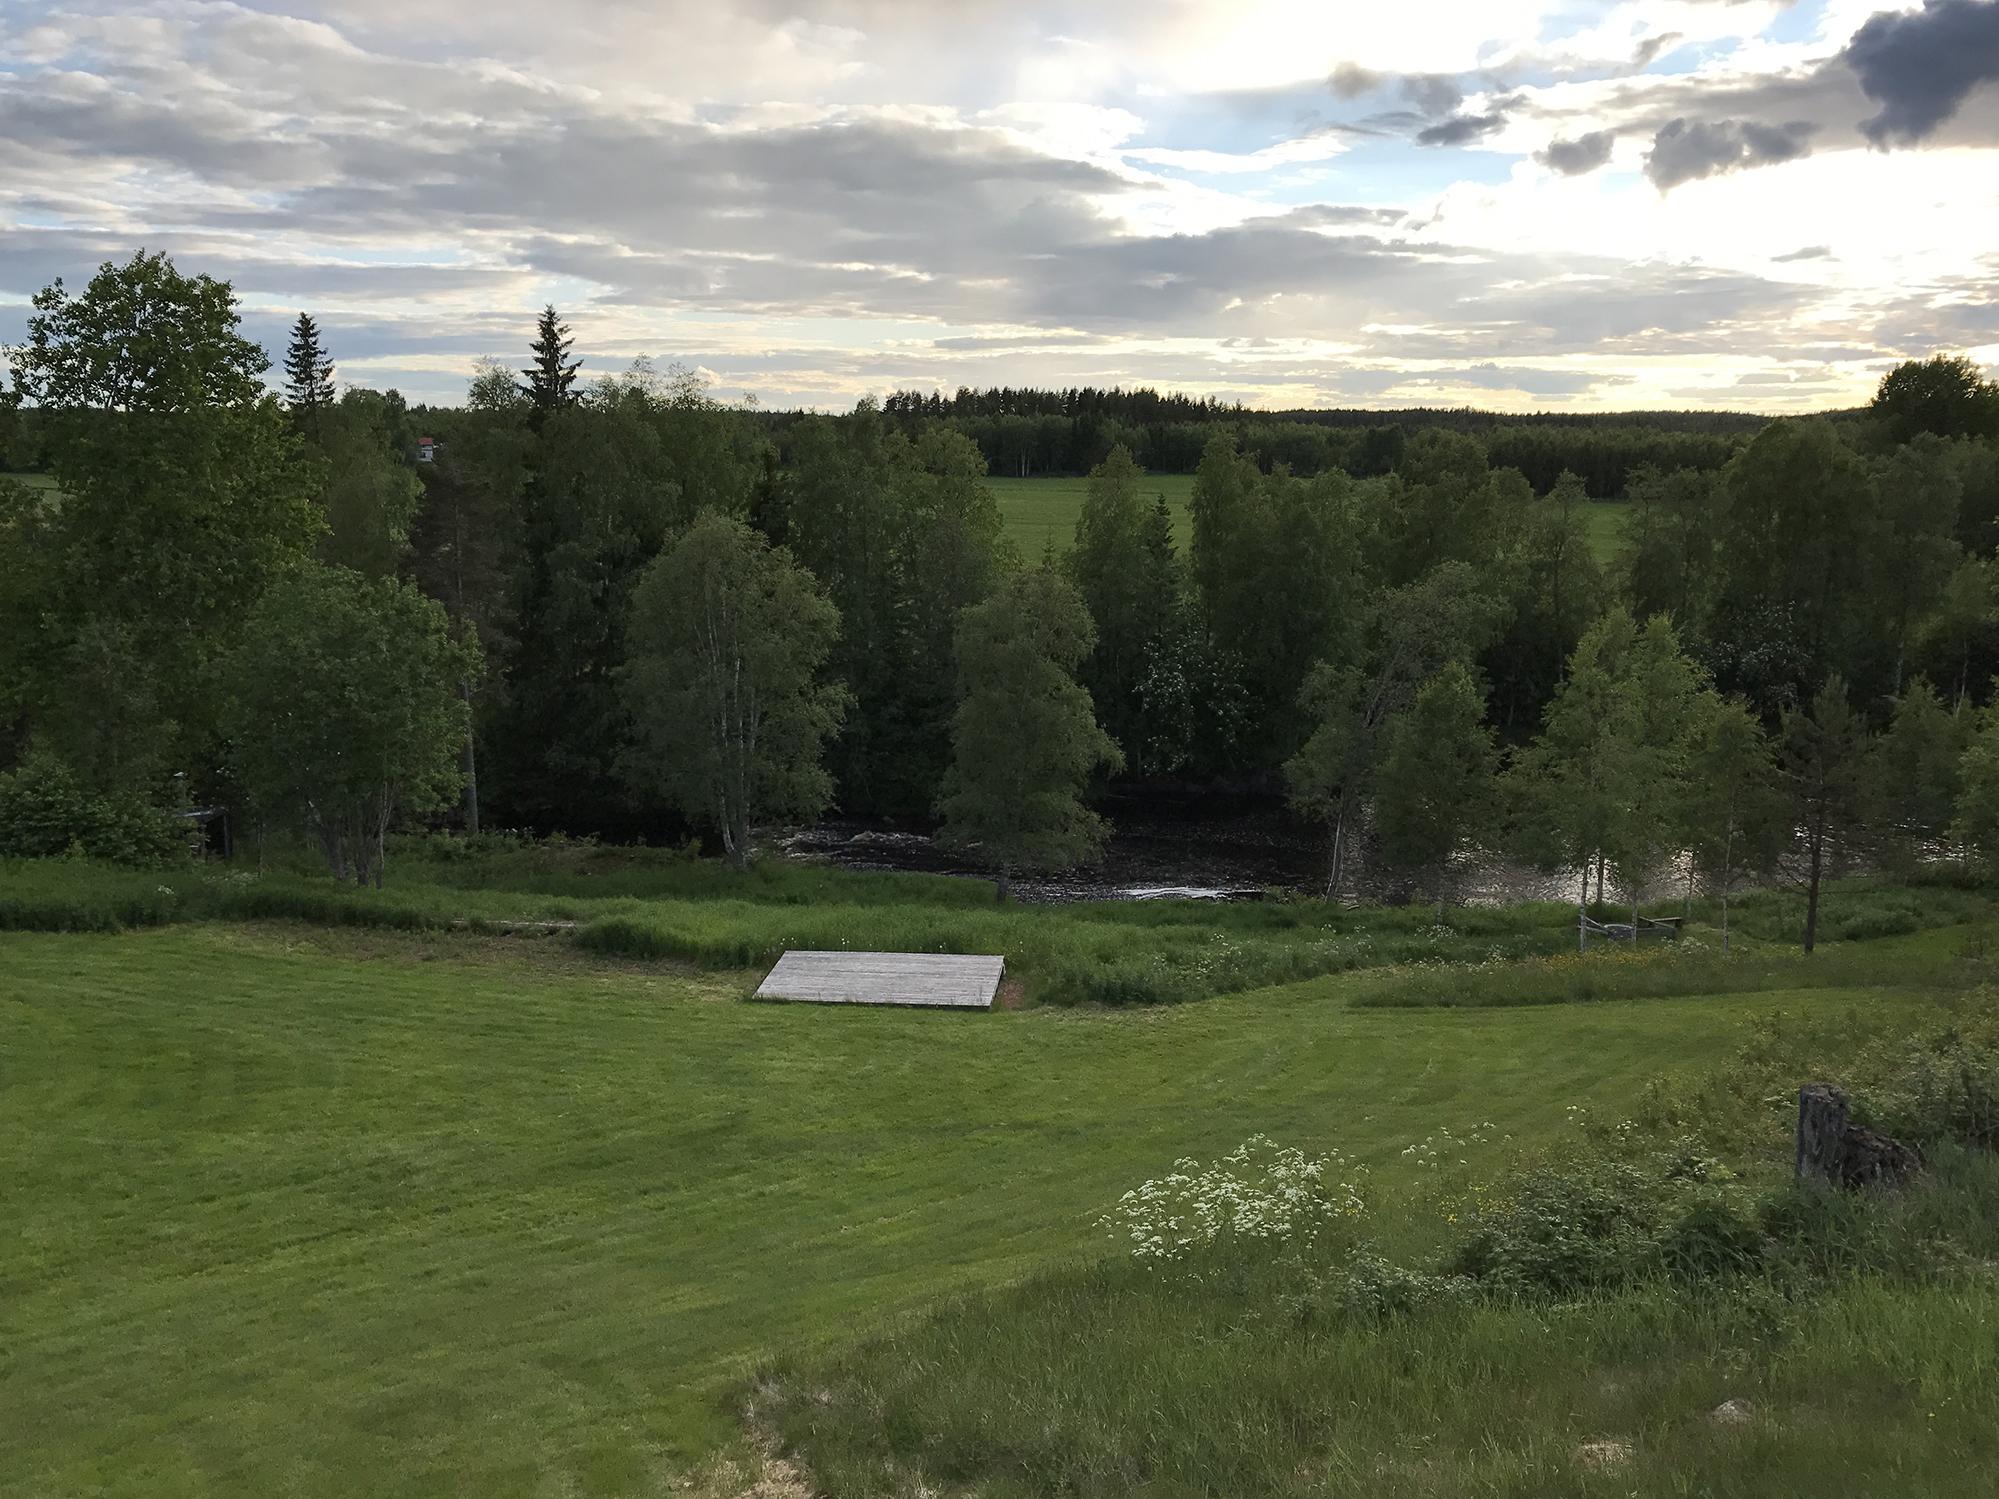 Lufta Camping in Ånäset